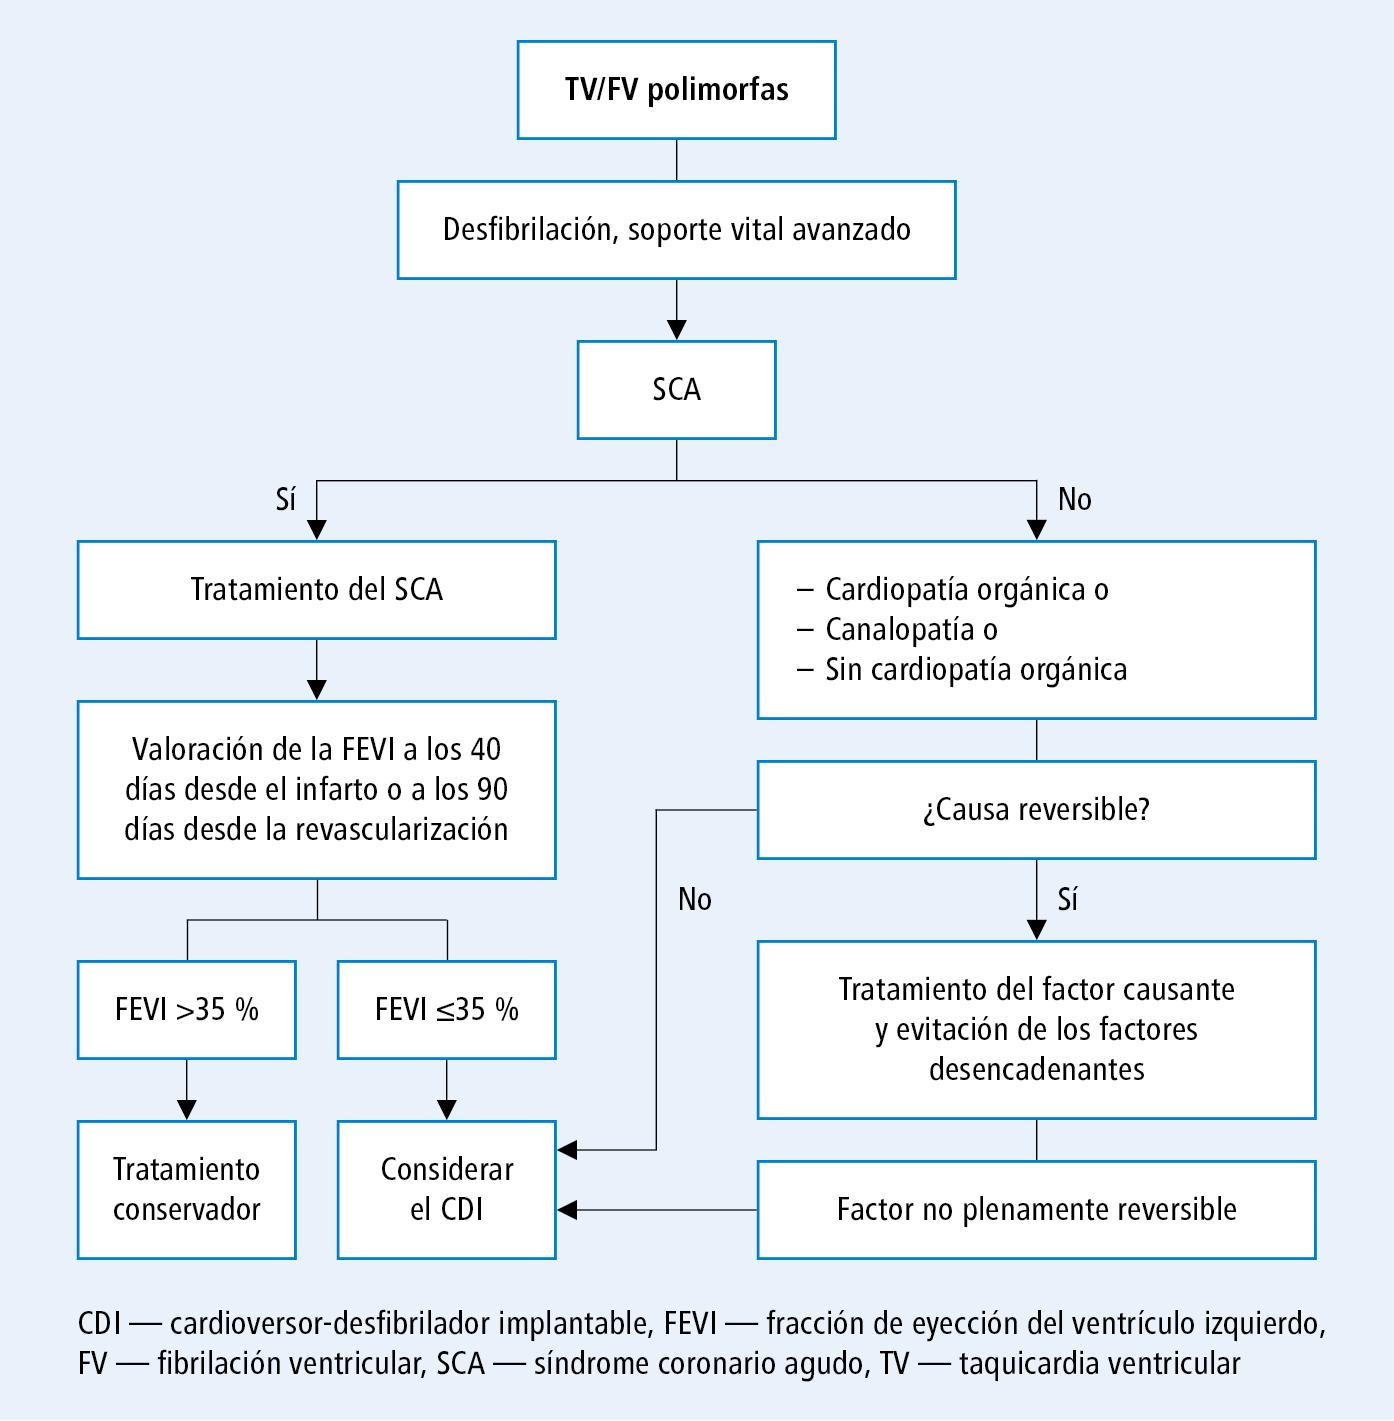 Actuación en enfermos con taquicardia o fibrilación ventricular (a base de opinión acordada de los expertos de EHRA, HRS y APHRS 2014, modificada)